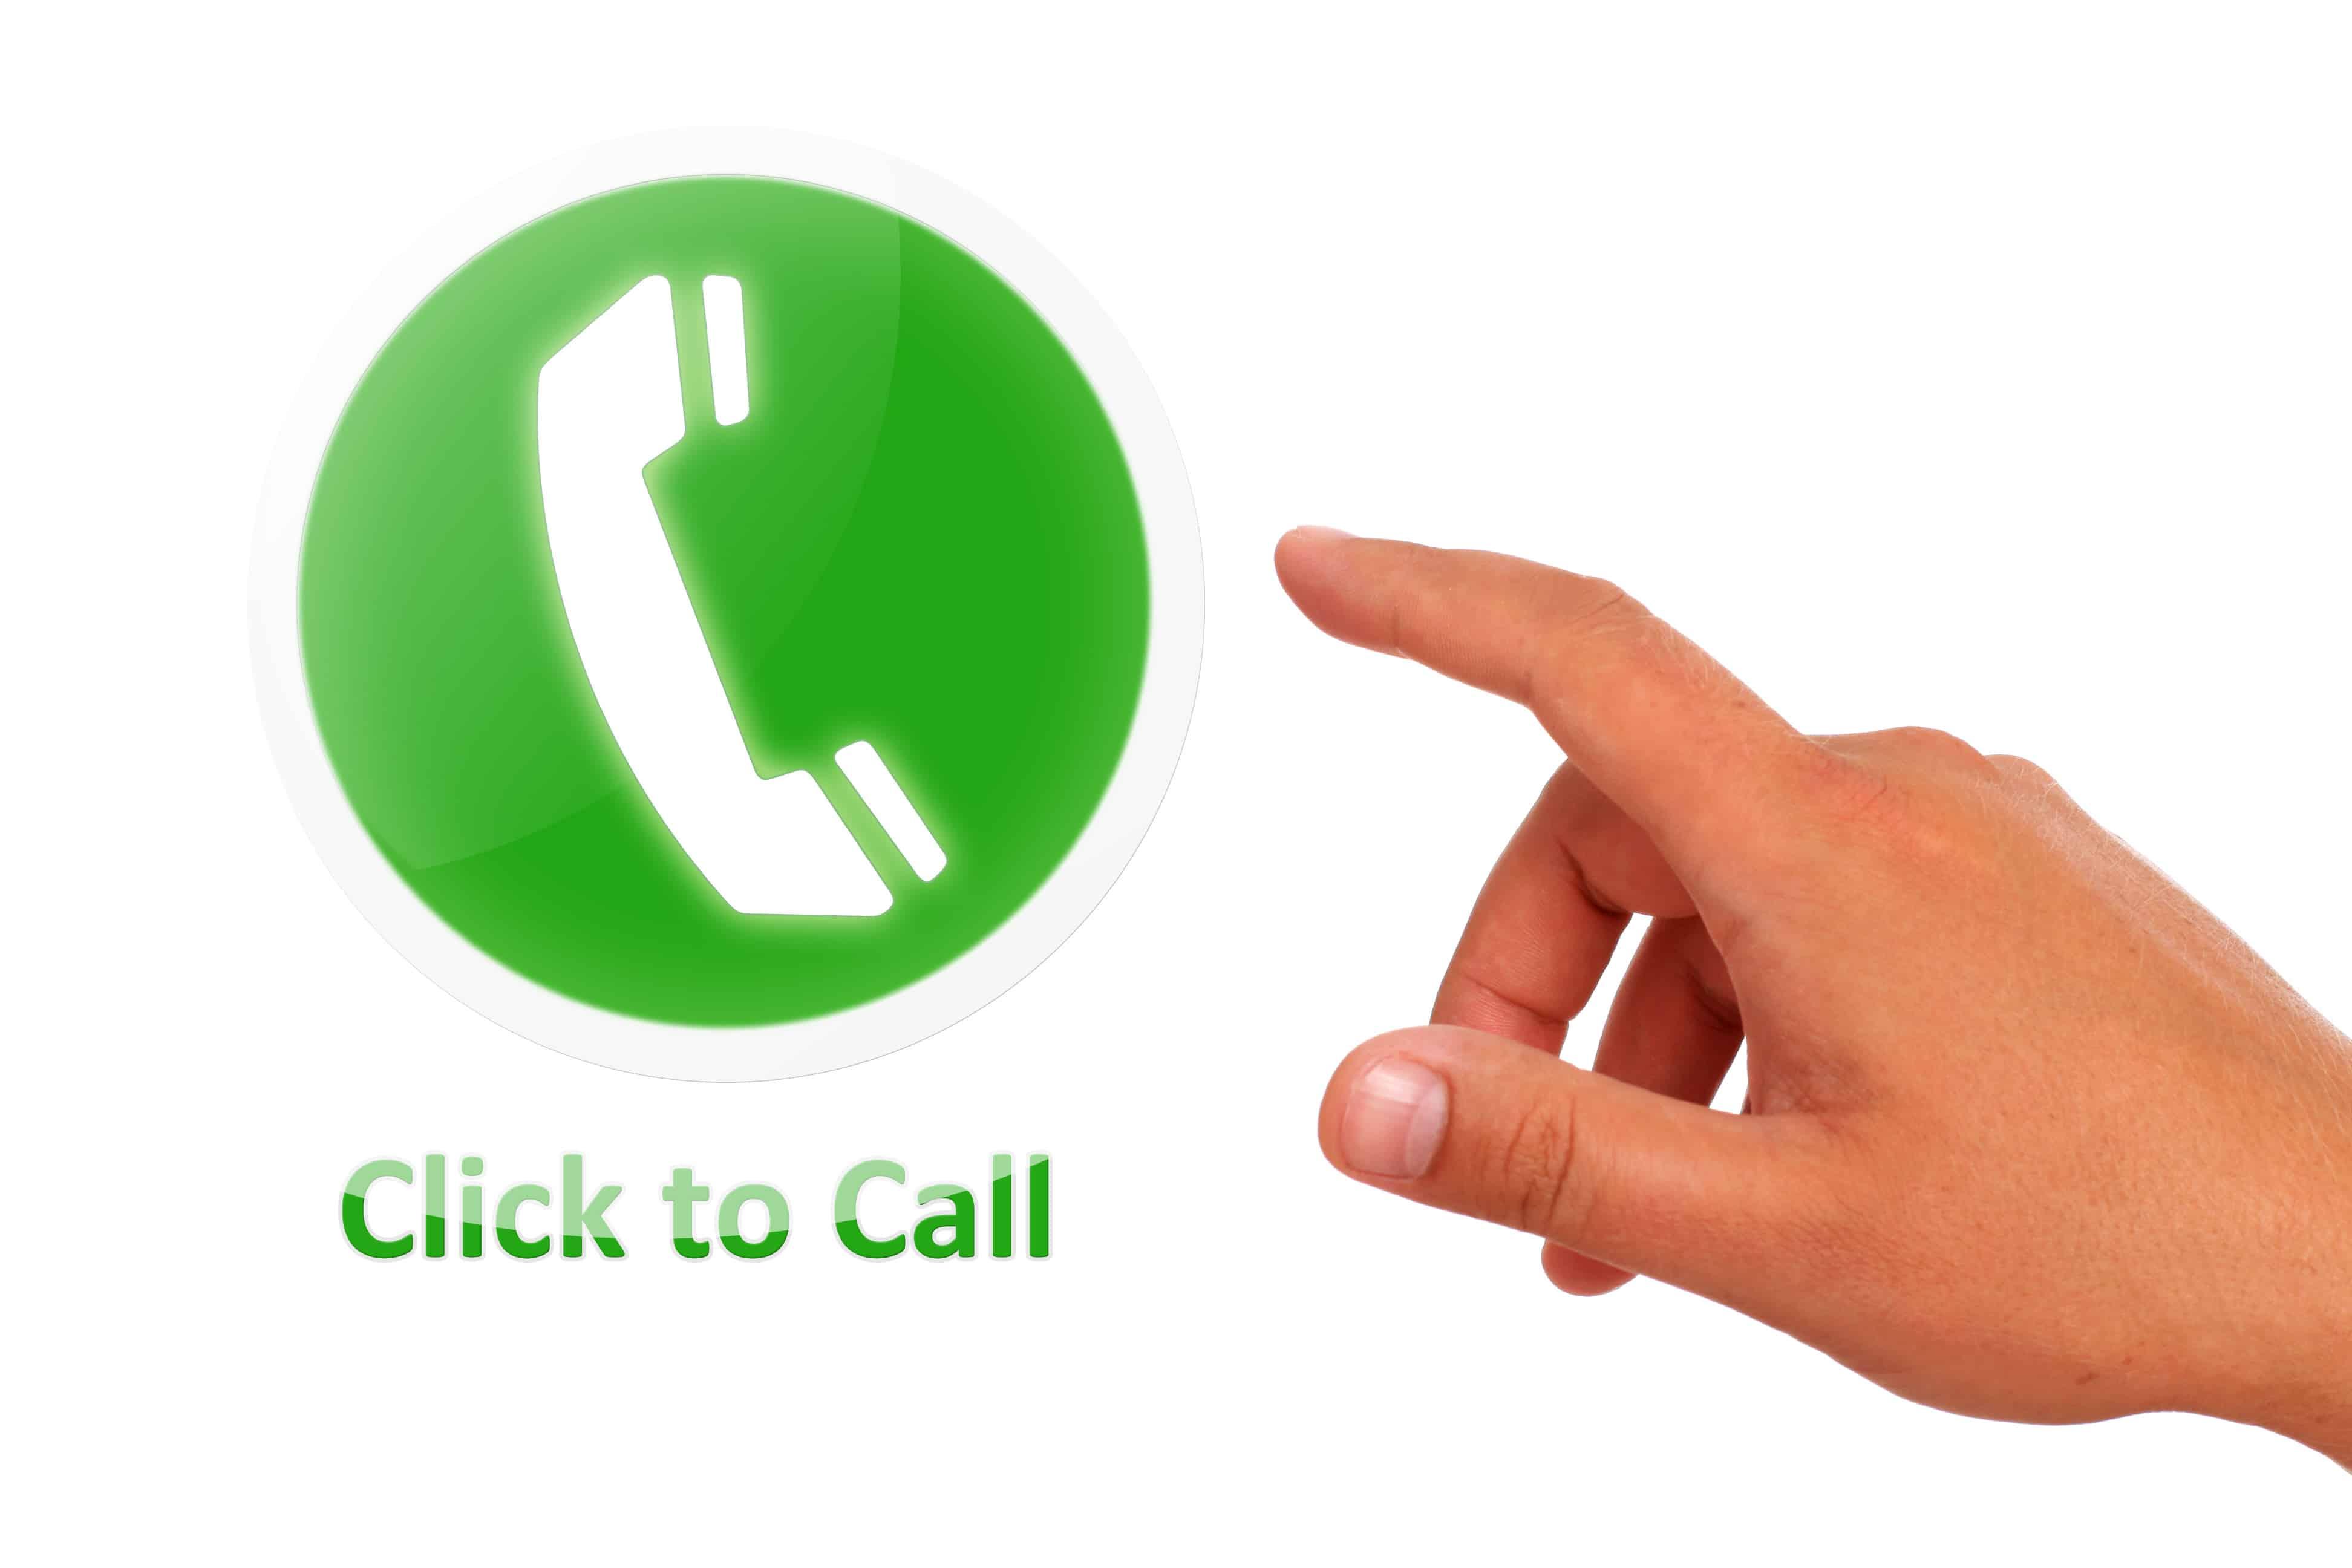 Tích hợp nút click to call lên website khách sạn